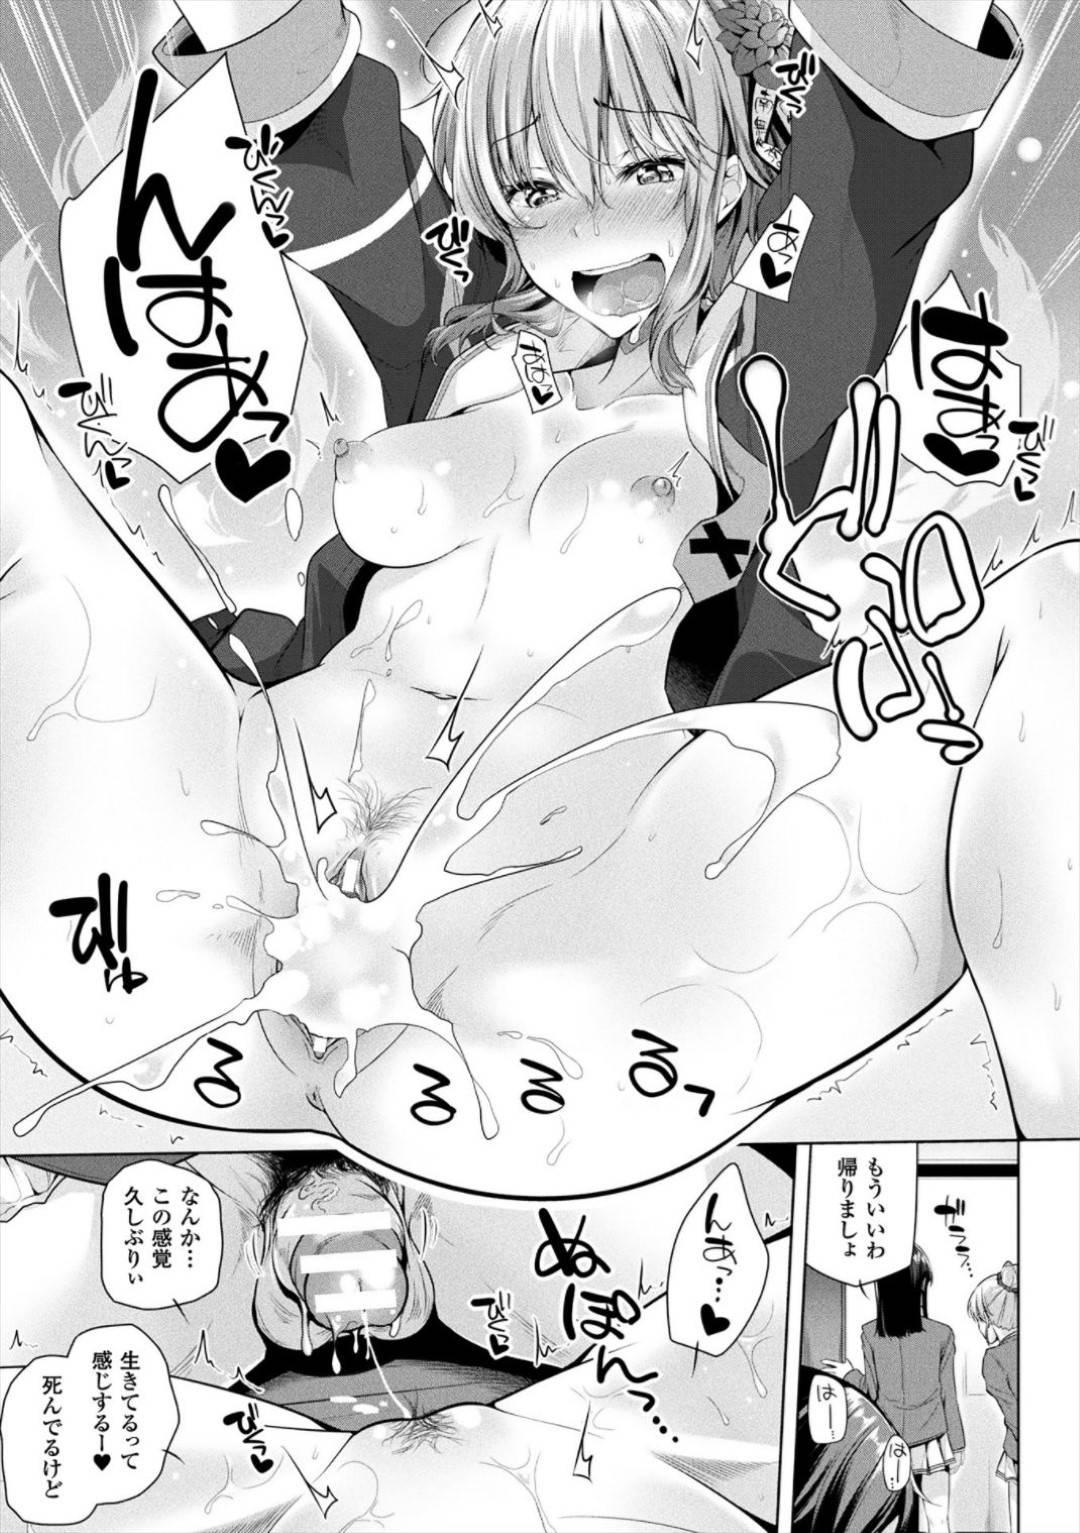 【エロ漫画】霊感を持つ青年にエッチな事を迫る幽霊JK…セックスしていなくて成仏できない彼女は強引に彼に手コキやフェラを施し、騎乗位で跨っては中出しまで求める!【吉田:成仏体験】